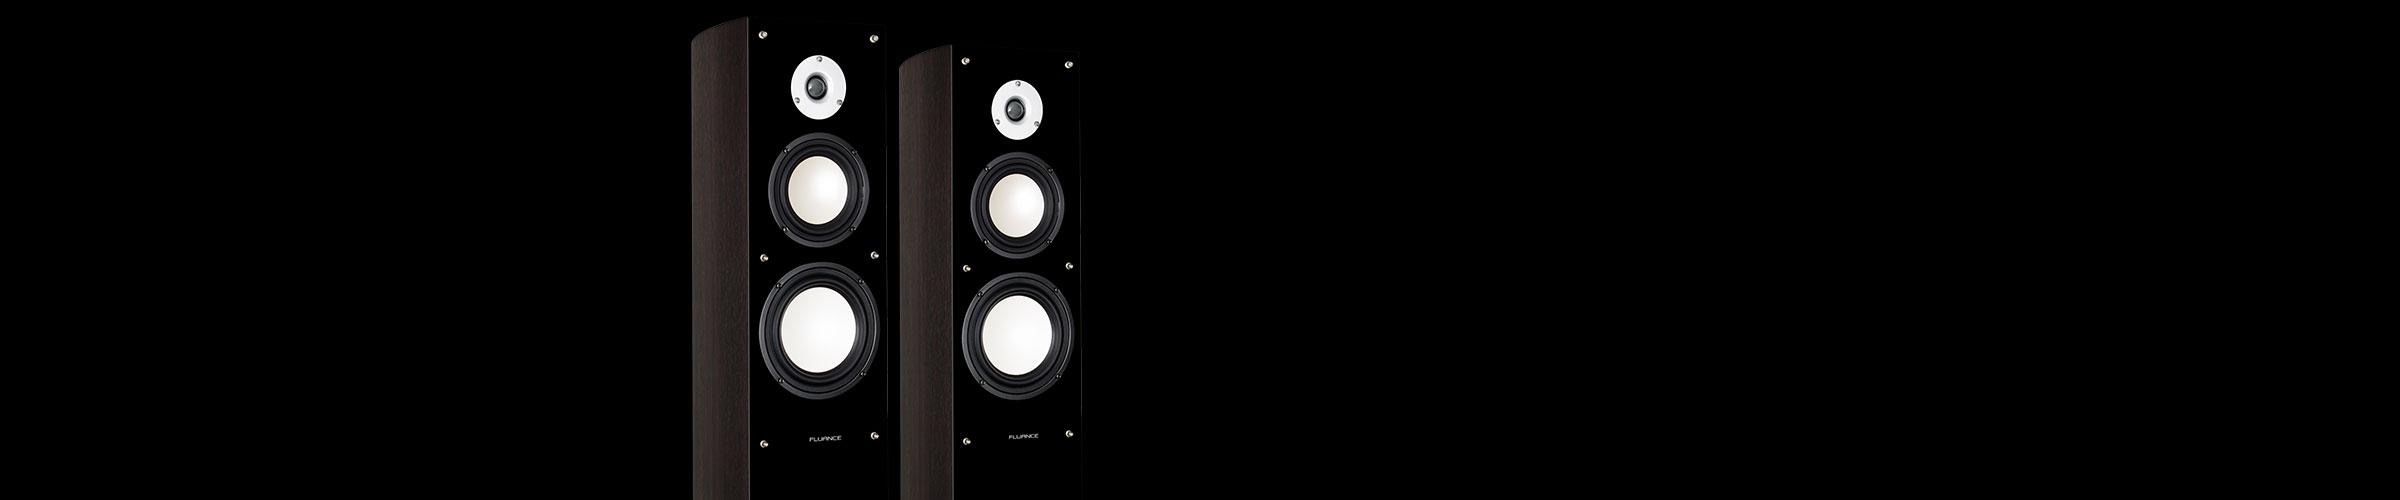 XL5F-premium-features